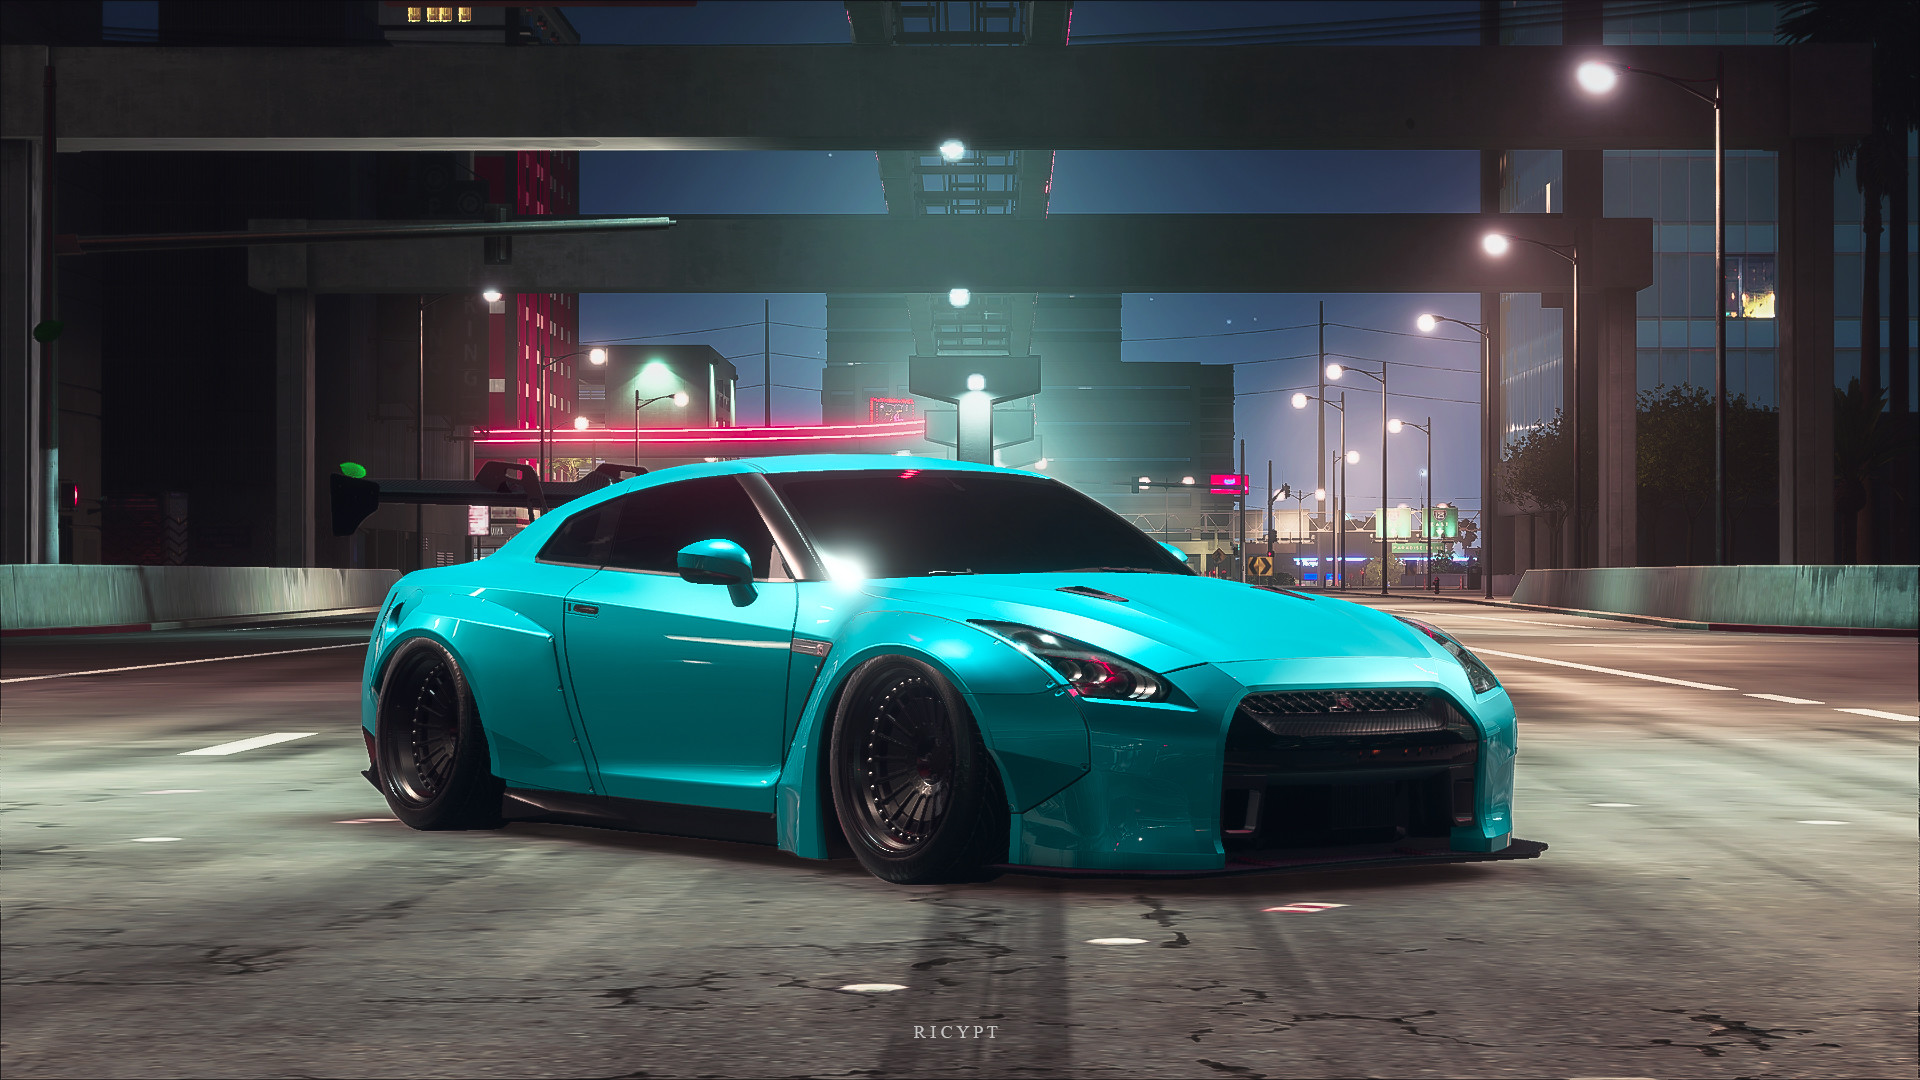 Artstation Need For Speed Payback Lb Nissan Gt R R35 3 Rico Yupita